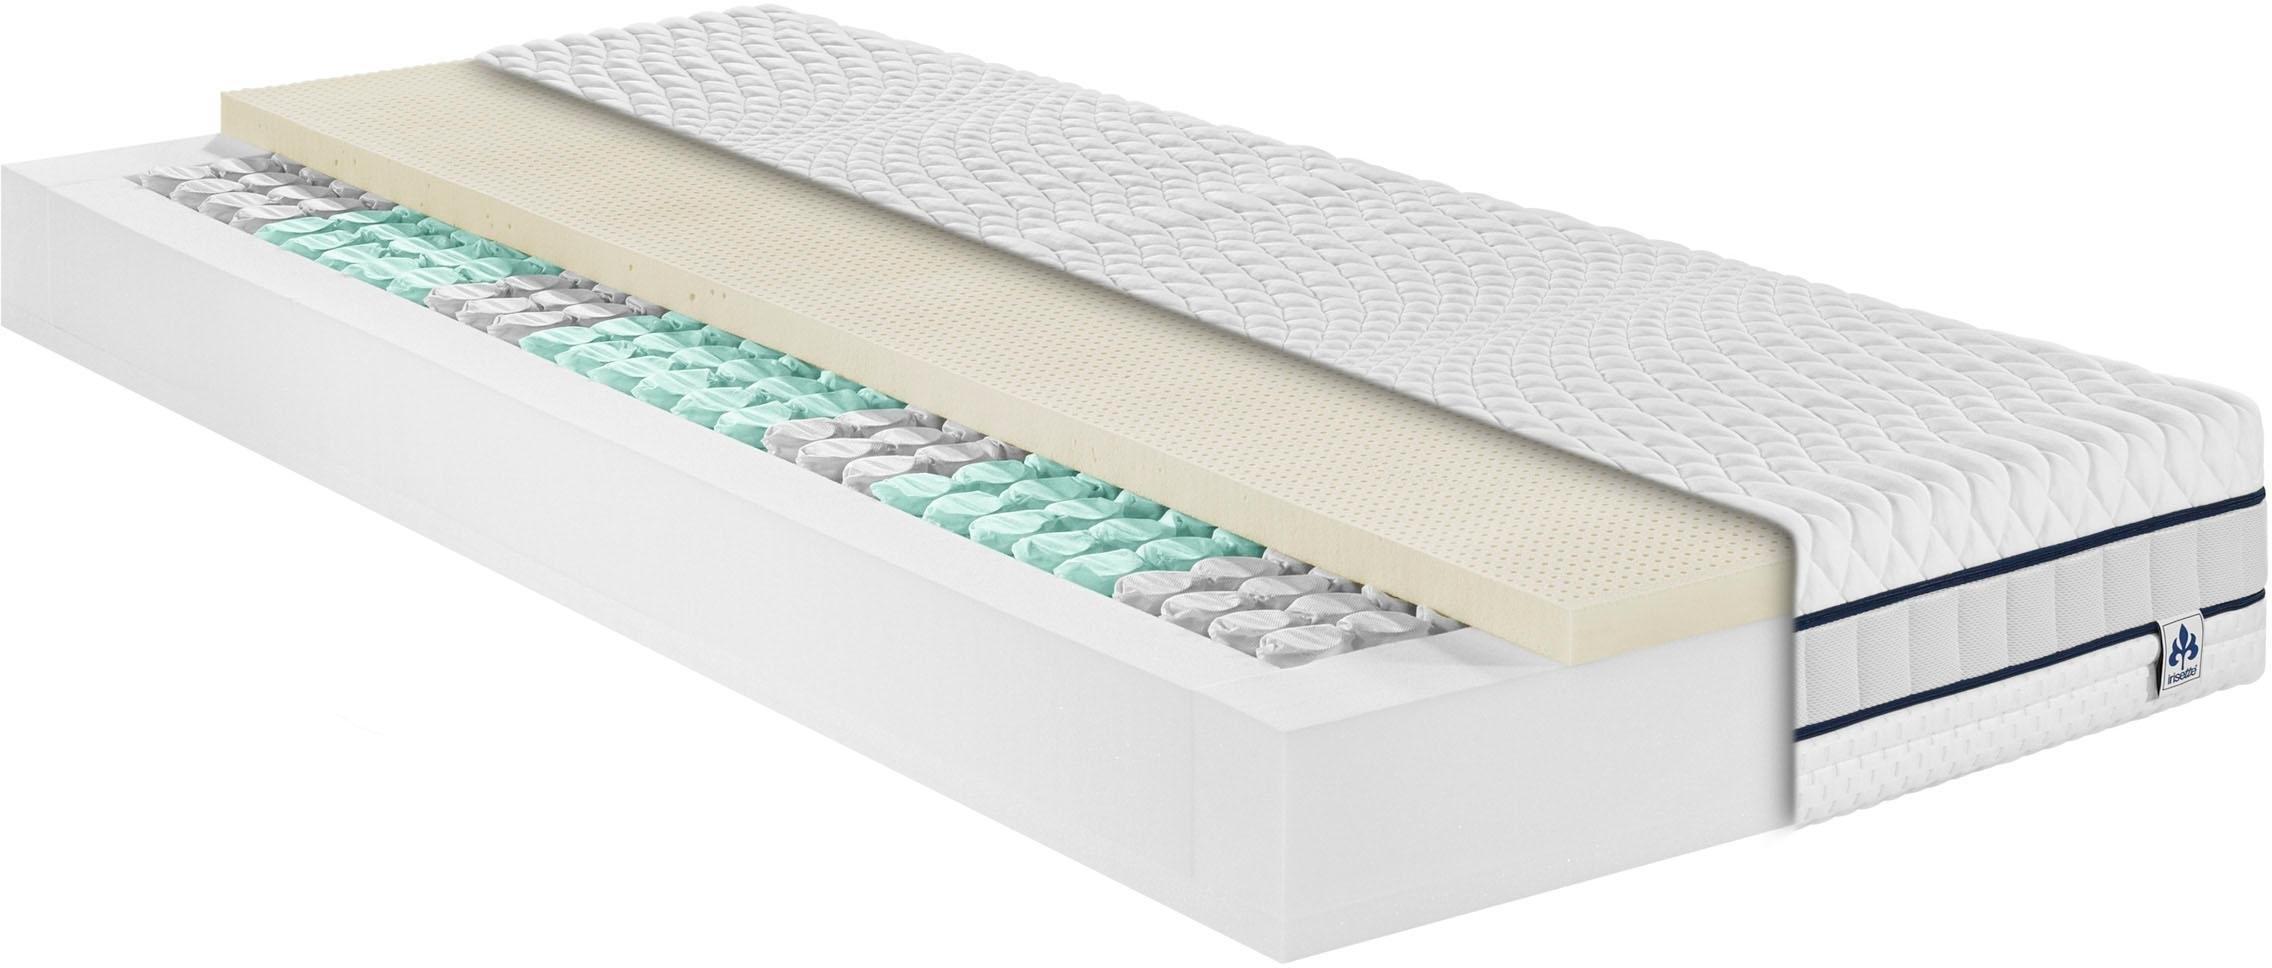 Op zoek naar een Irisette Pocketveringsmatras »Stralsund TFK«,Sale, 22 cm dik? Koop online bij OTTO